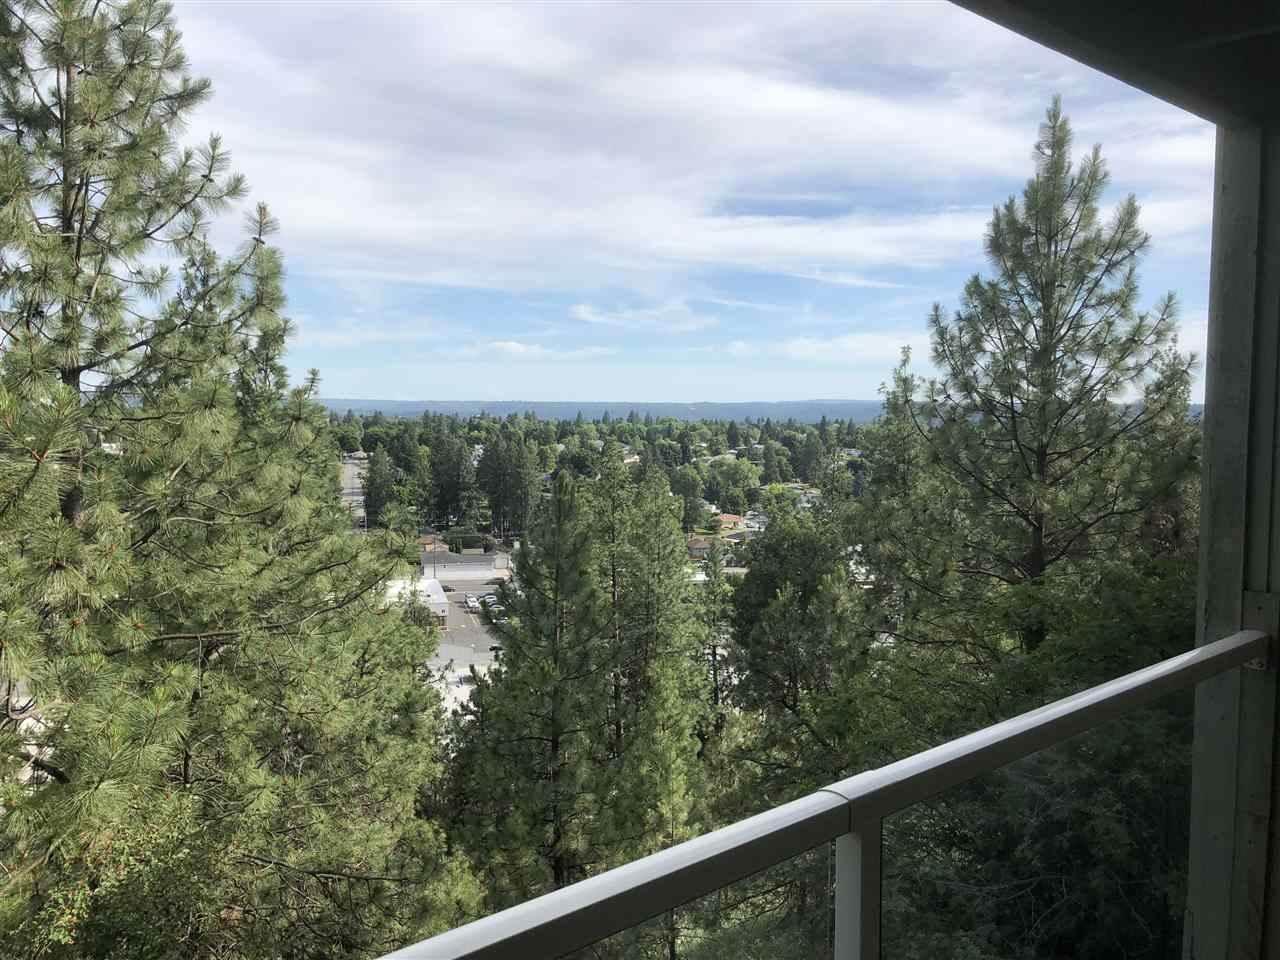 1823 W Northridge Ct, #43, Spokane, WA 99208